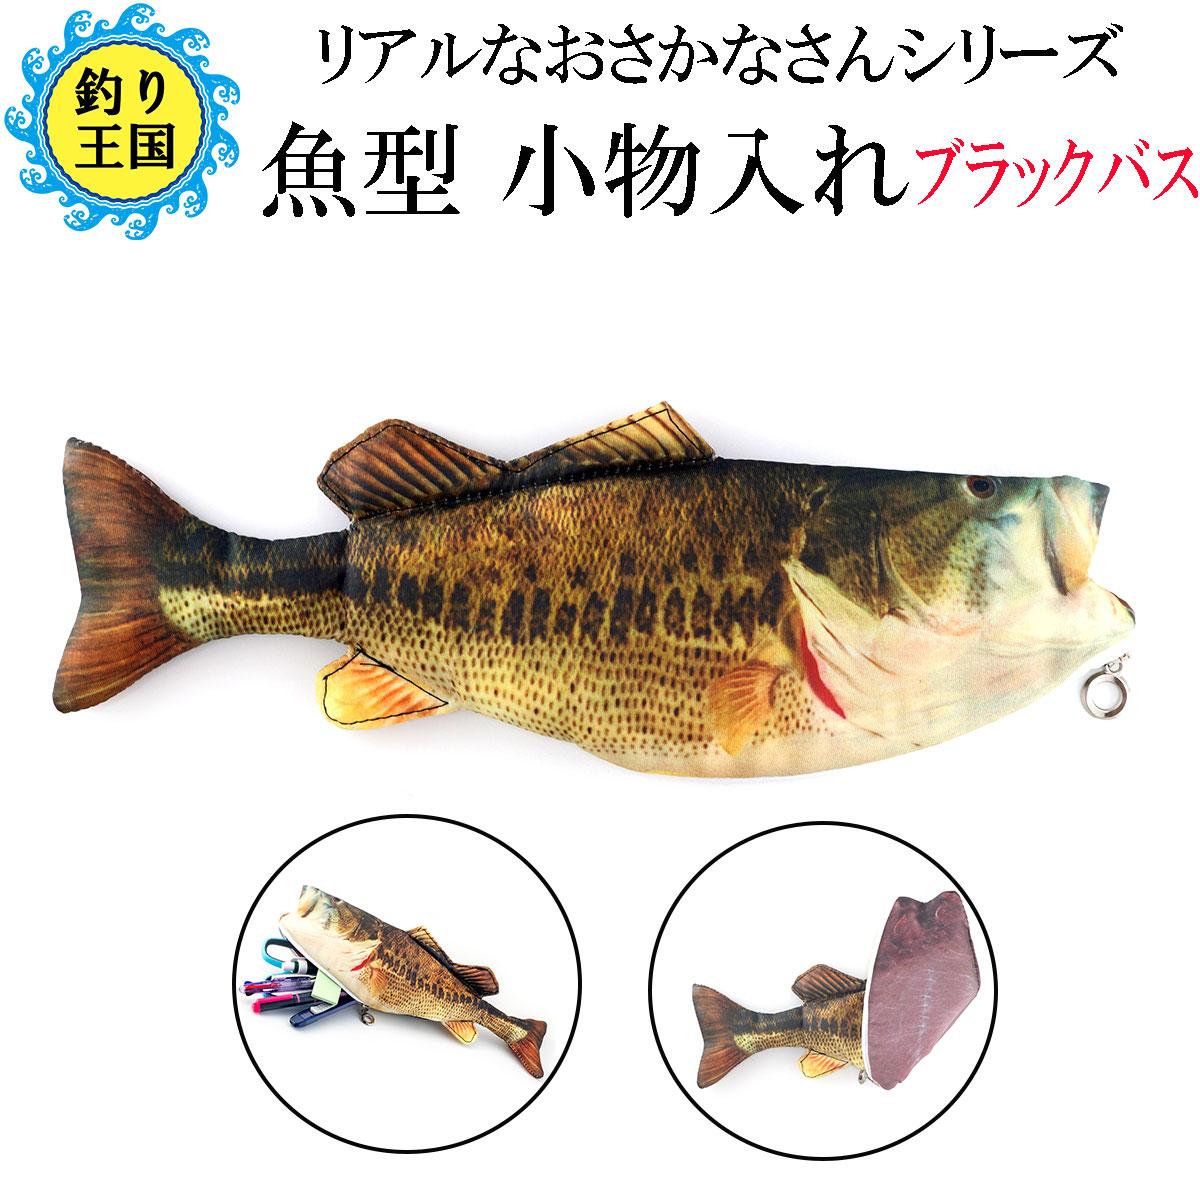 リアルなおさかなさんシリーズ オルルド釣具 魚型 小物入れ ペンケース 新品未使用 ブラックバス ポーチ ショッピング